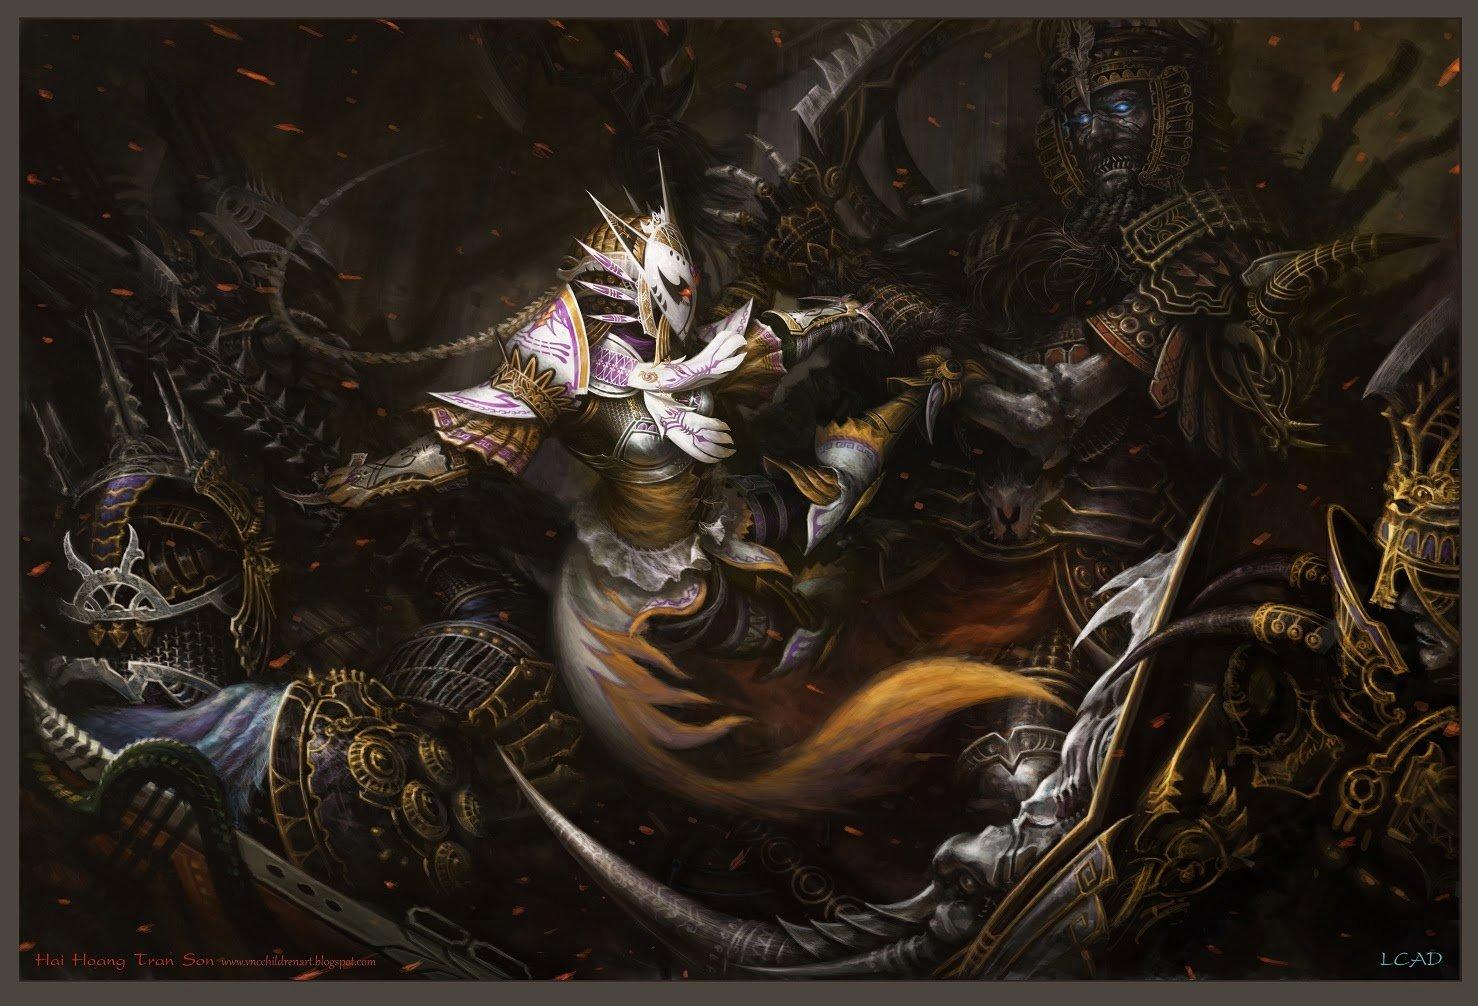 The Viper Fox Assassin by Hai Hoang